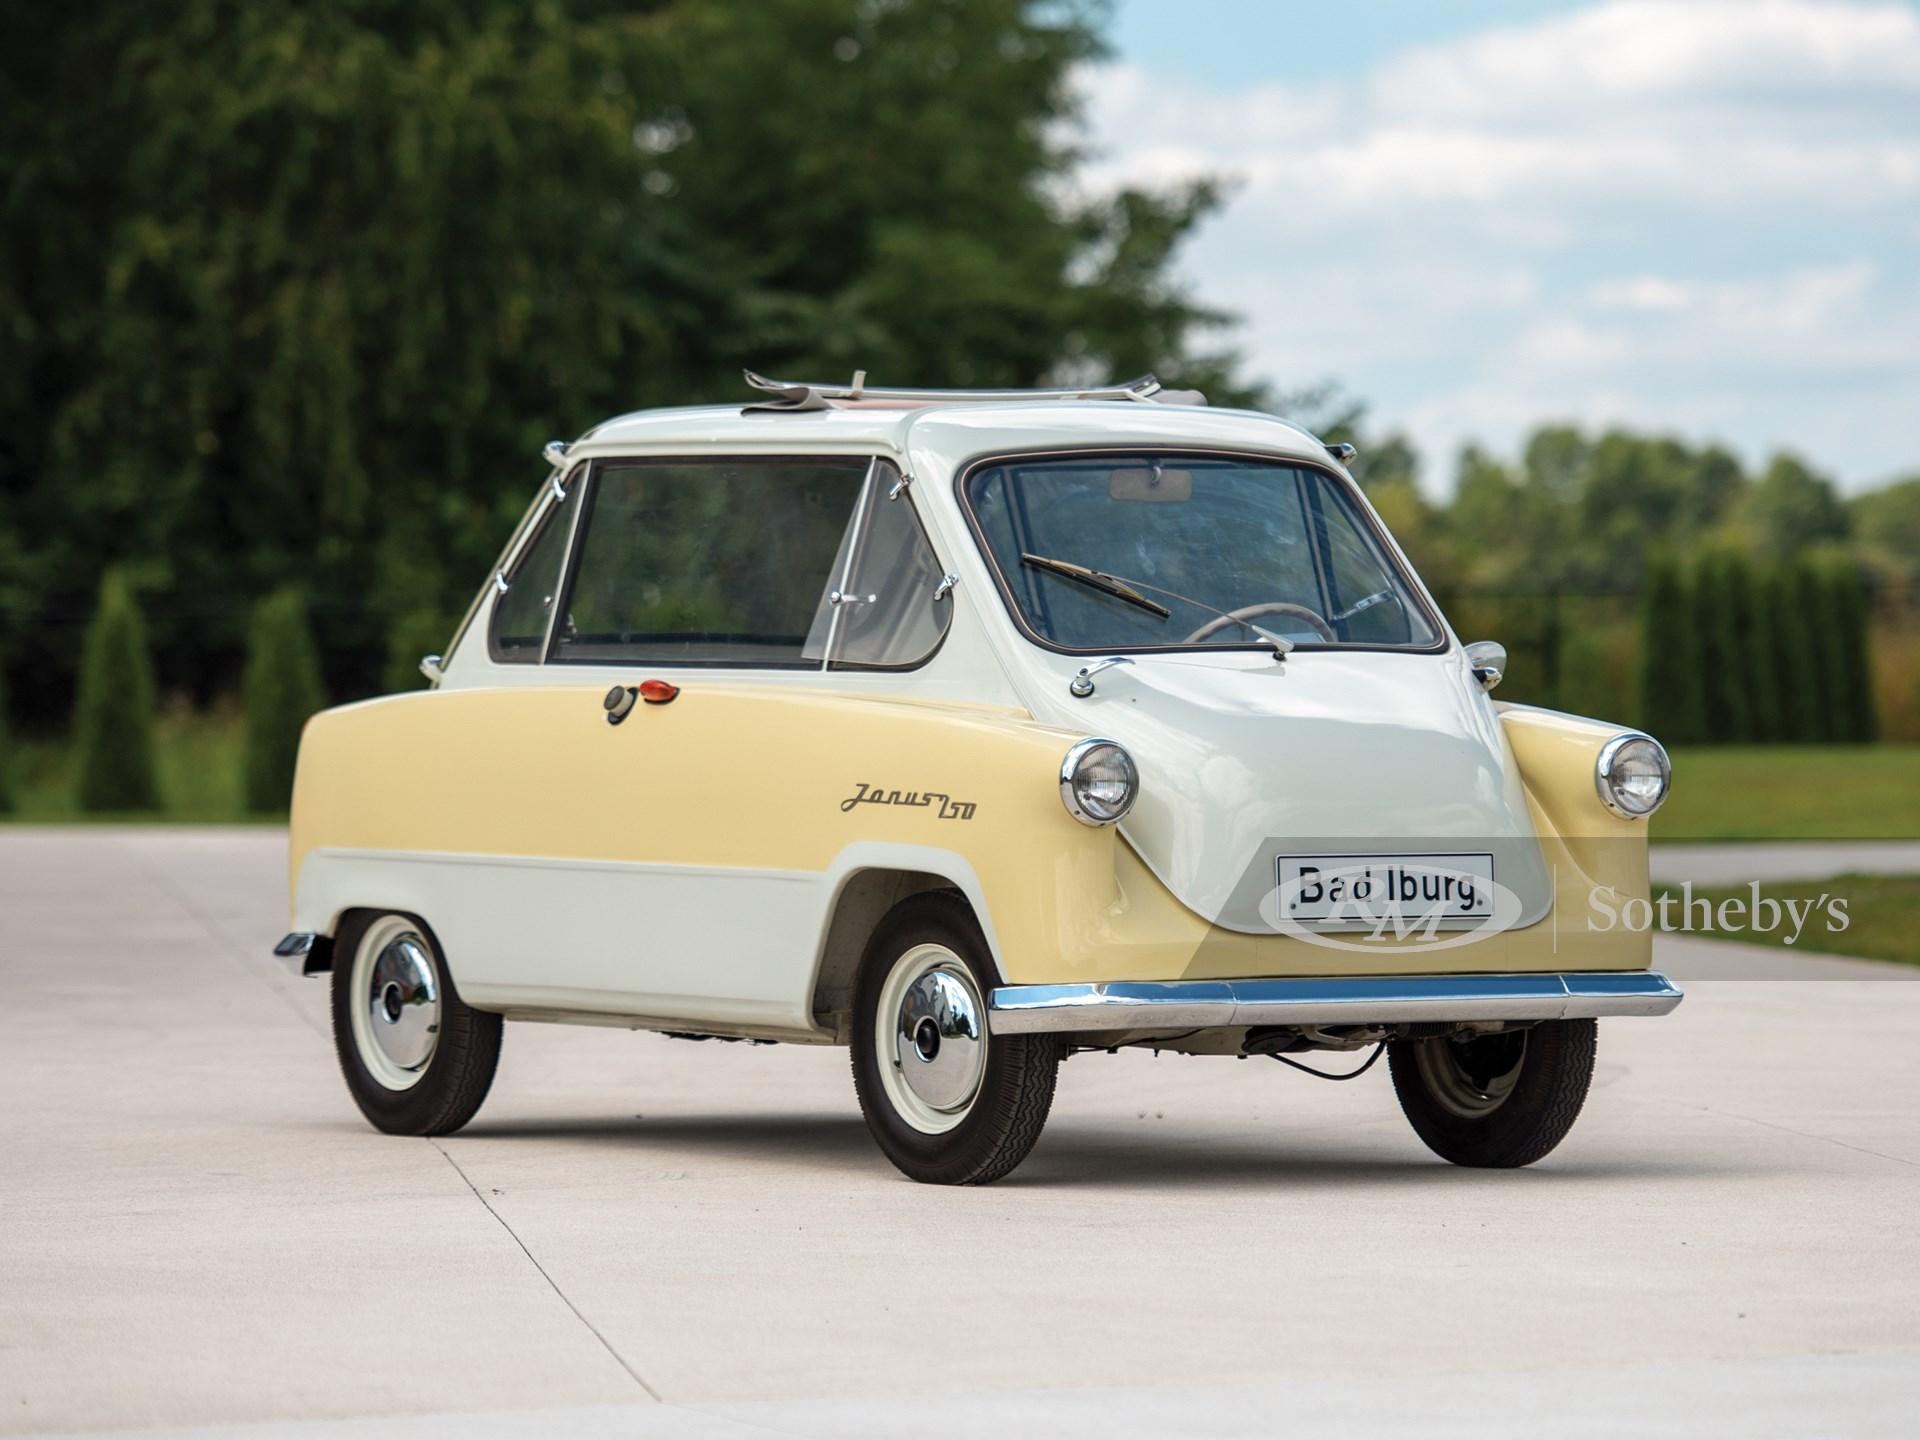 1958 Zündapp Janus 250